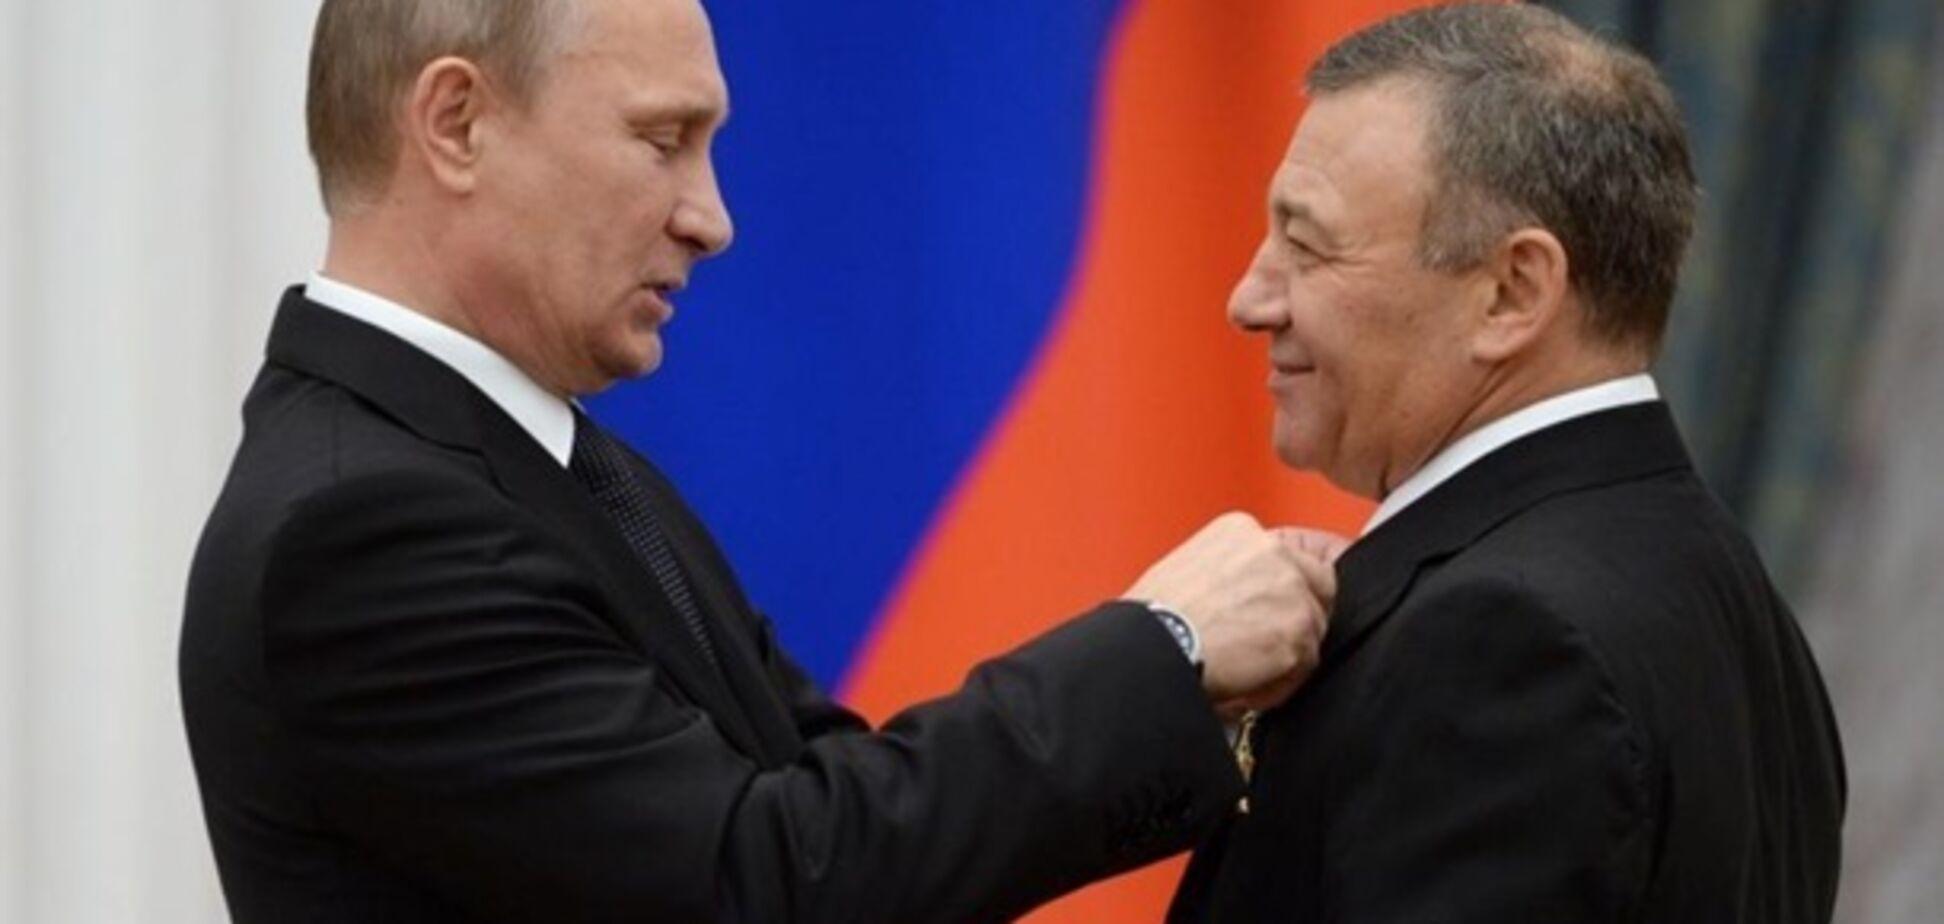 ''Це у нас з дитинства'': друг-олігарх Путіна розповів про їхні забавки